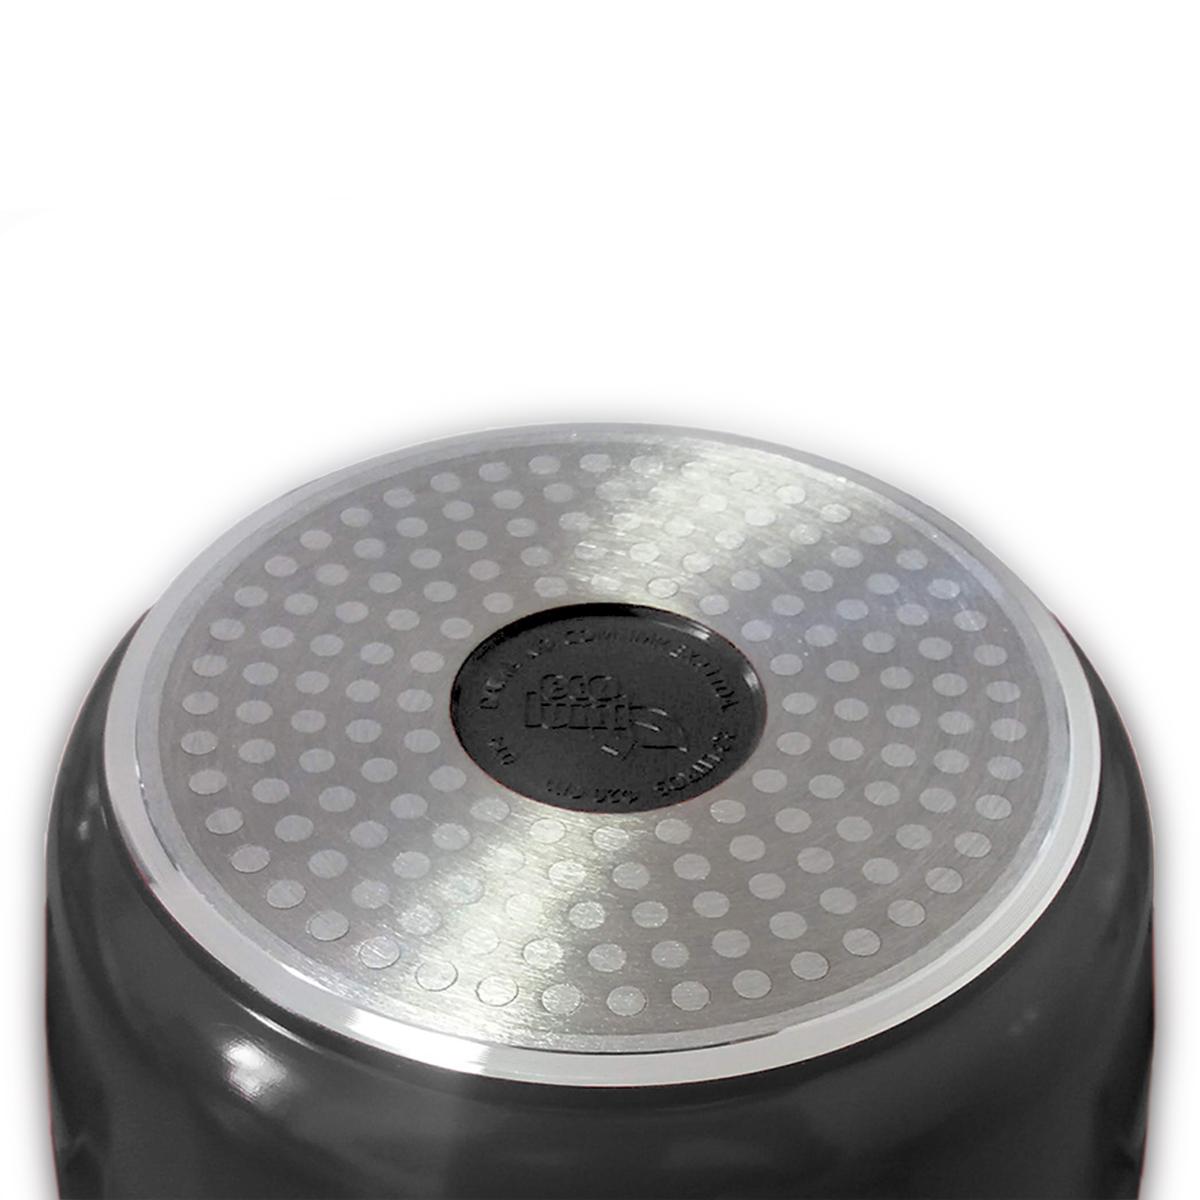 Caçarola indução revestimento cerâmico 20cm Preto Ecolumi